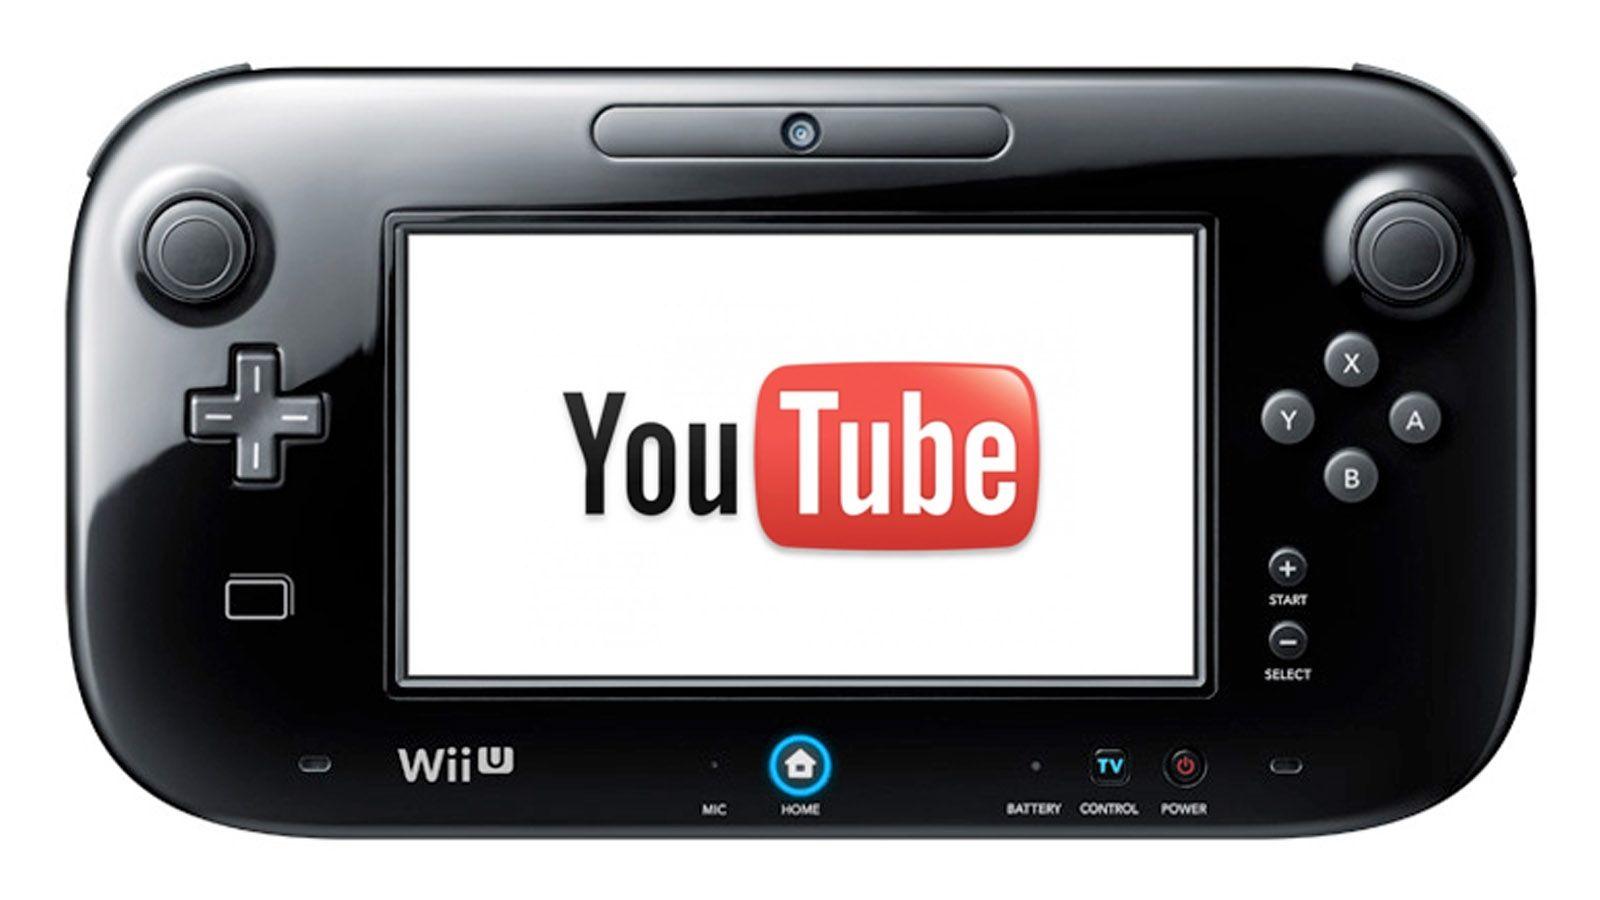 youtube wii U